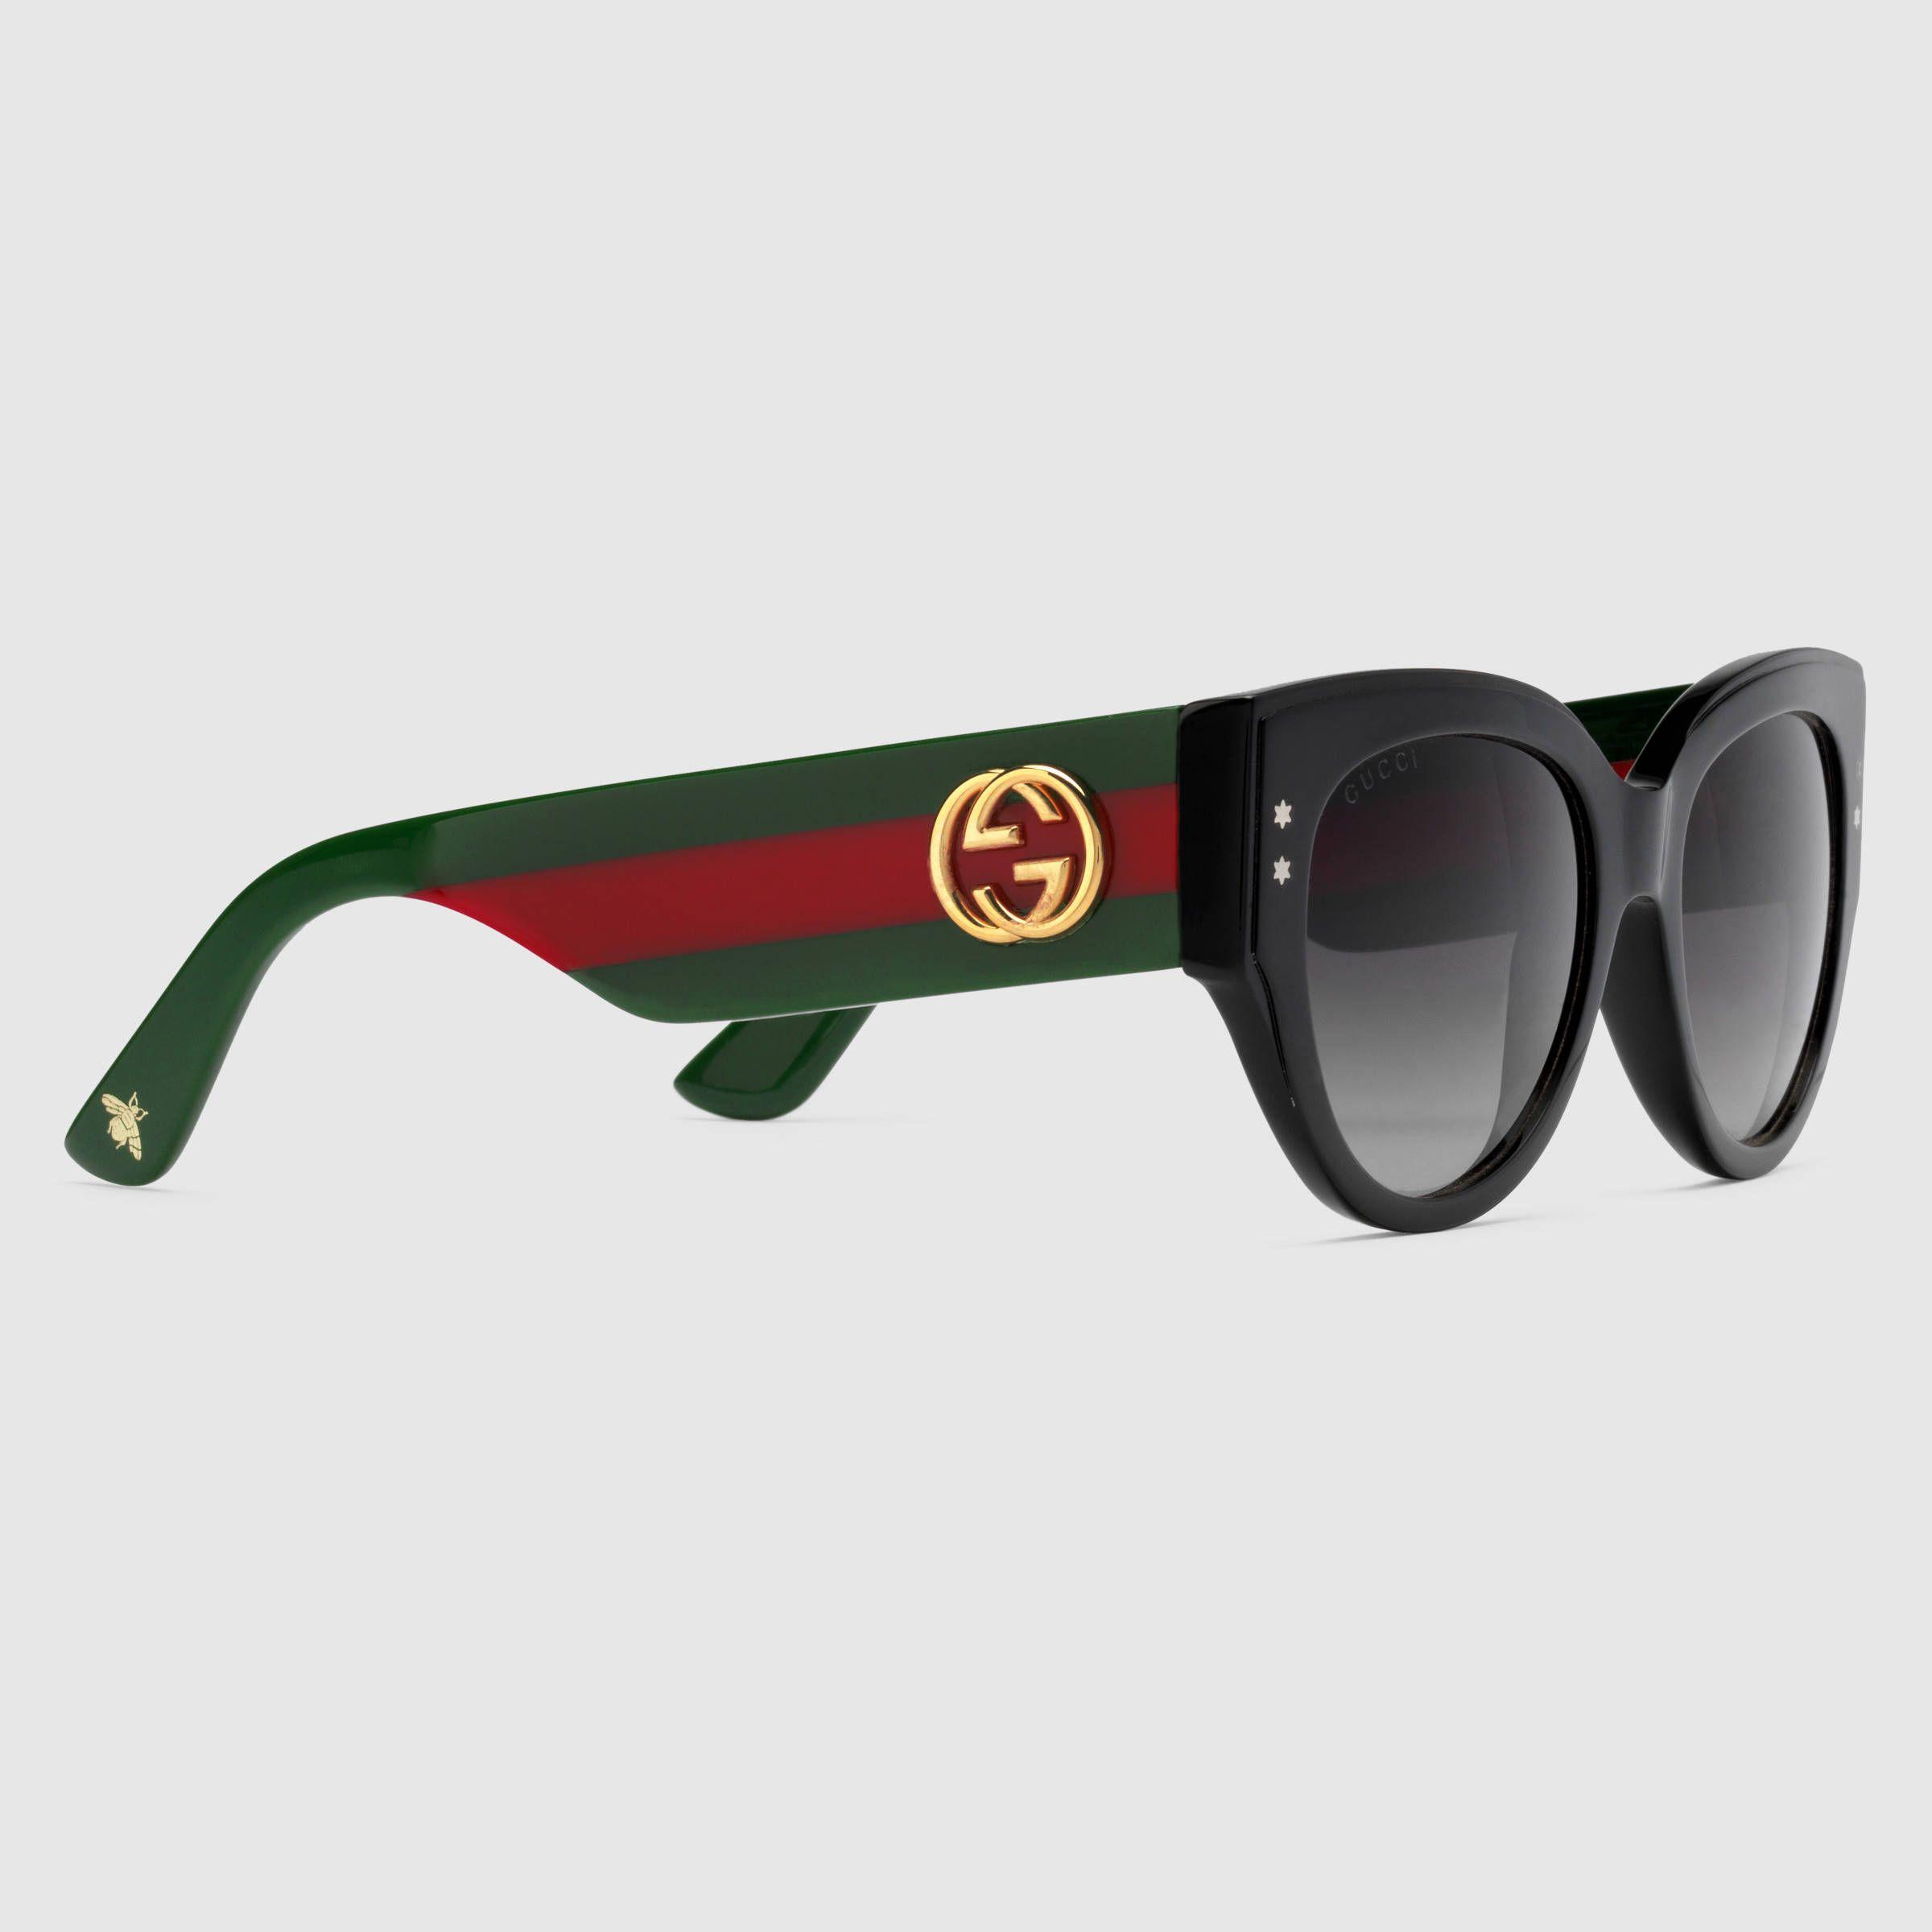 ad236655a778 Gucci | Cat eye acetate sunglasses | gucci sunglasses 5 in 2019 ...